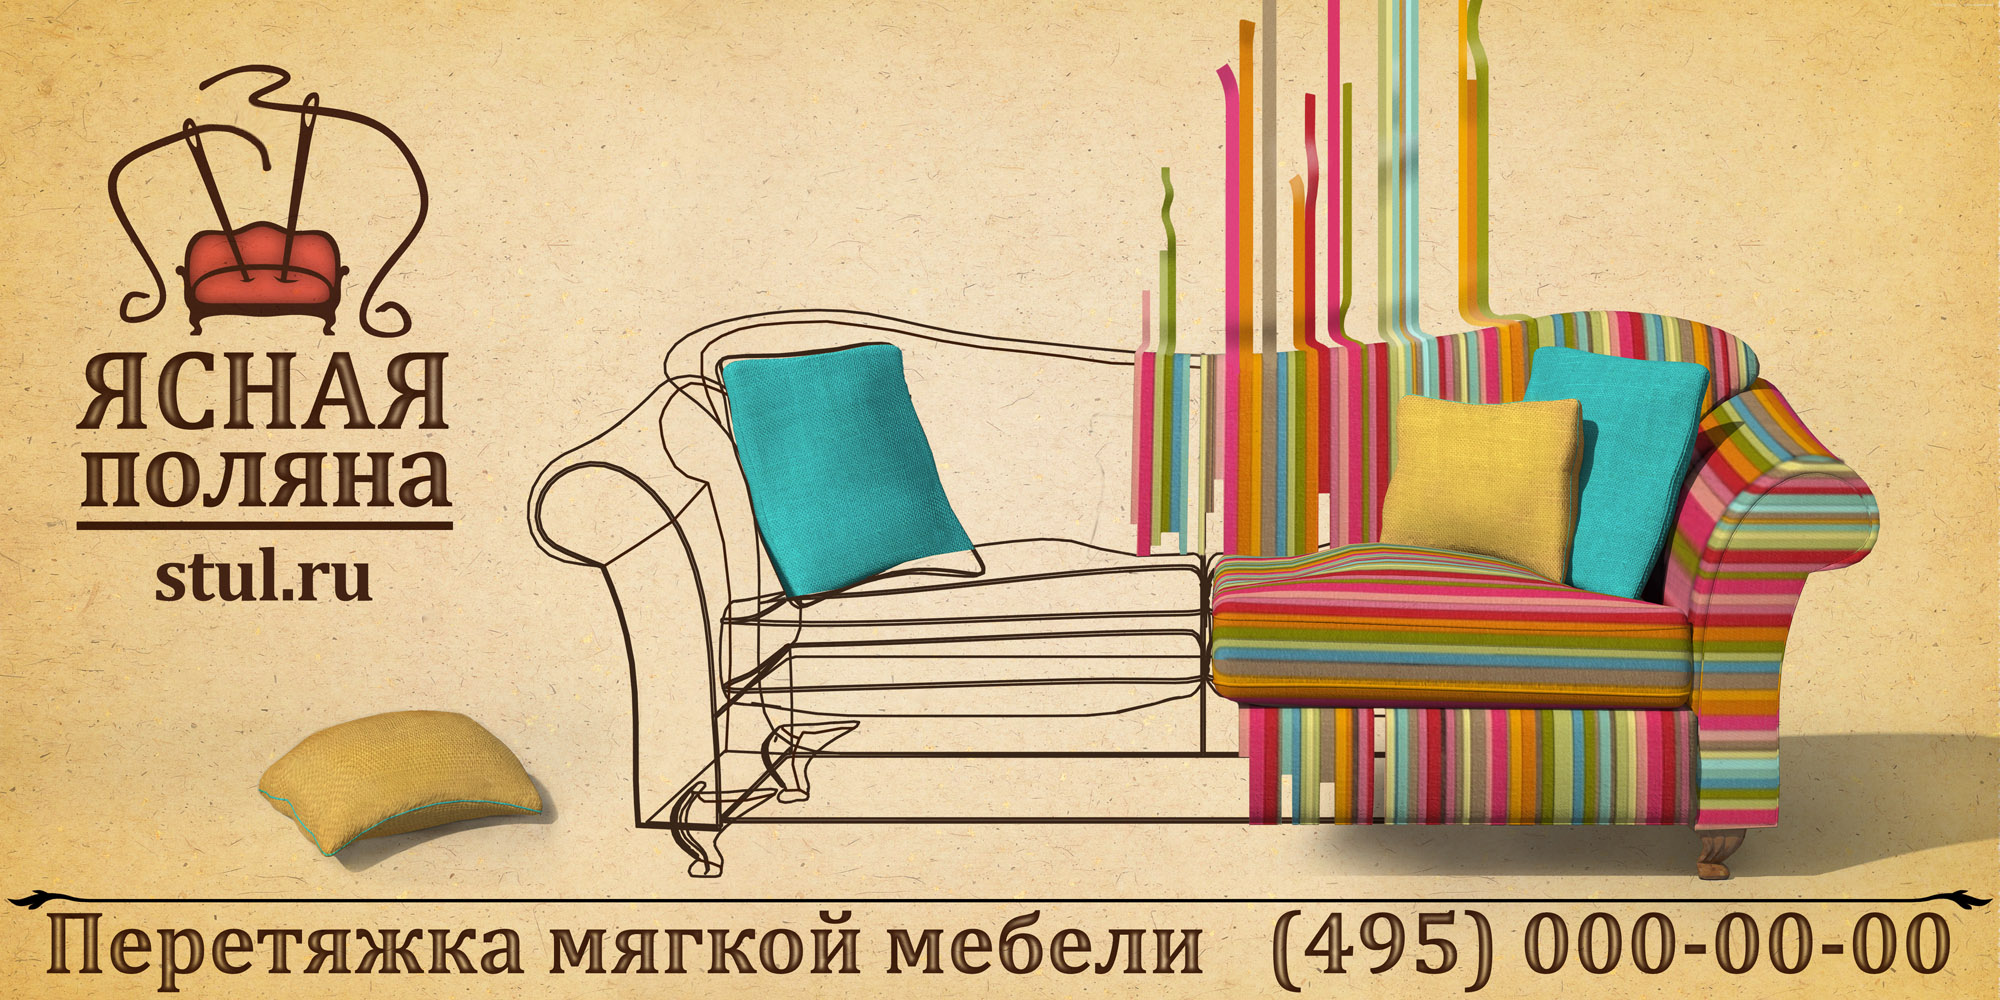 логотип и дизайн для билборда фото f_12754a05cc7e0c7d.jpg